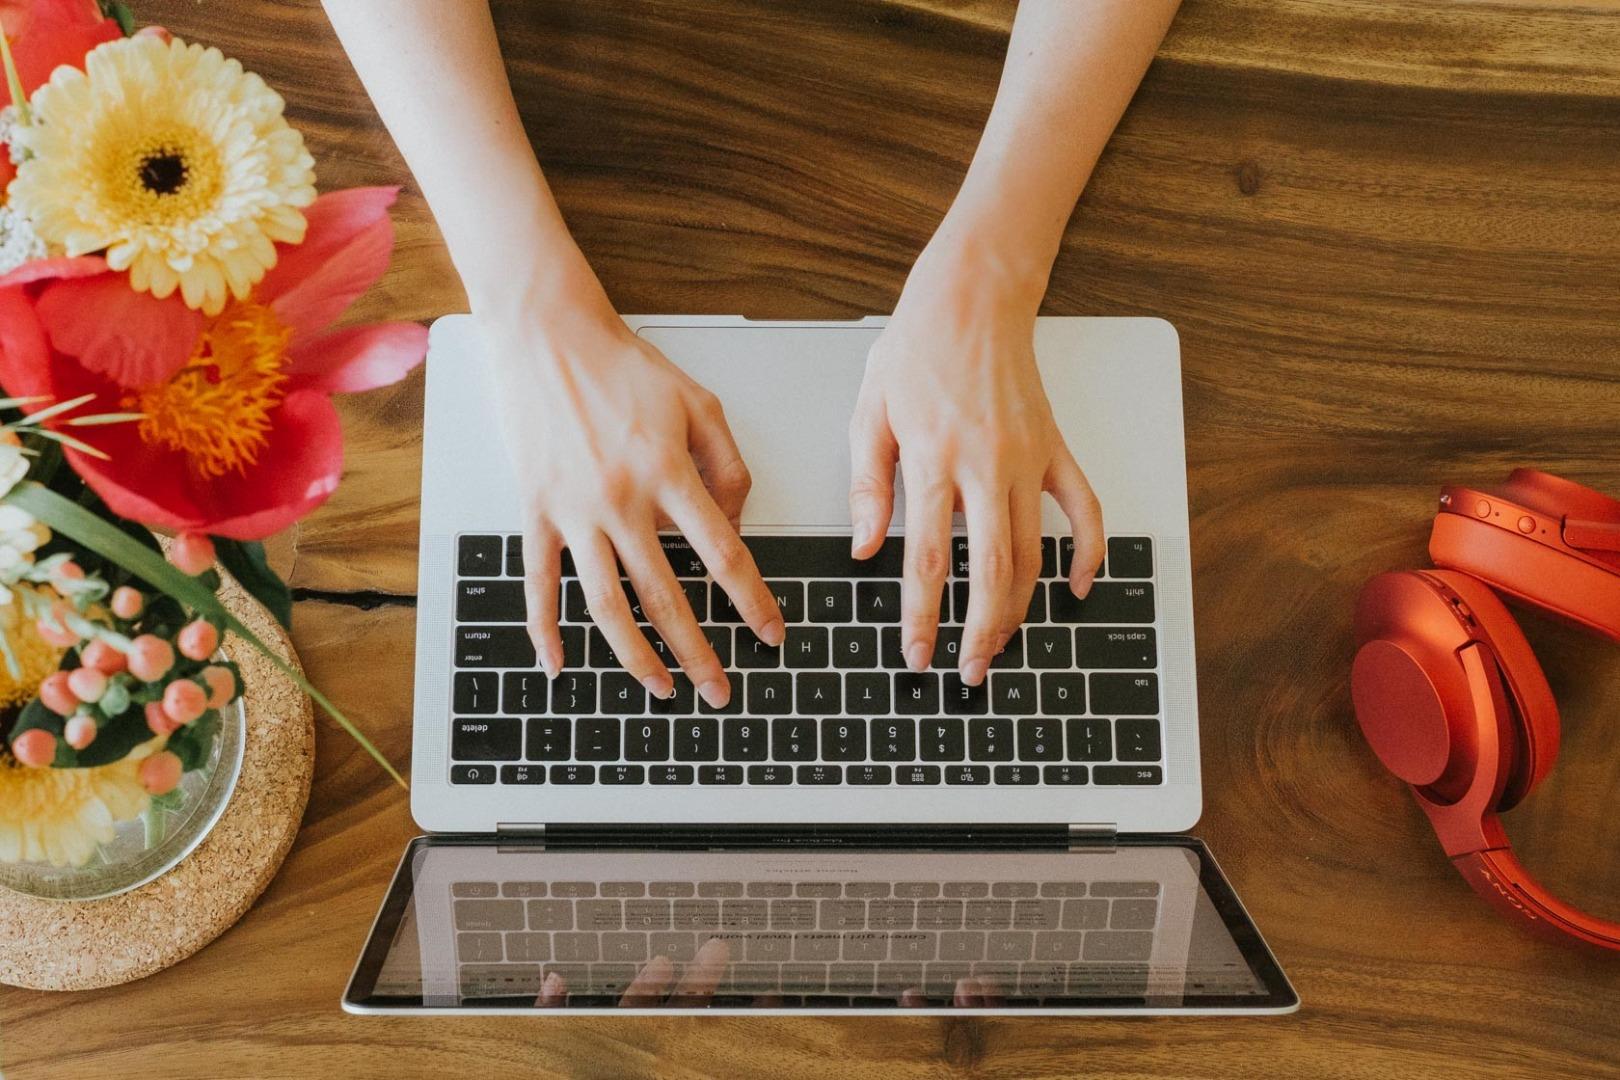 خبرنامه را به منظور برقراری ارتباط بنویسید